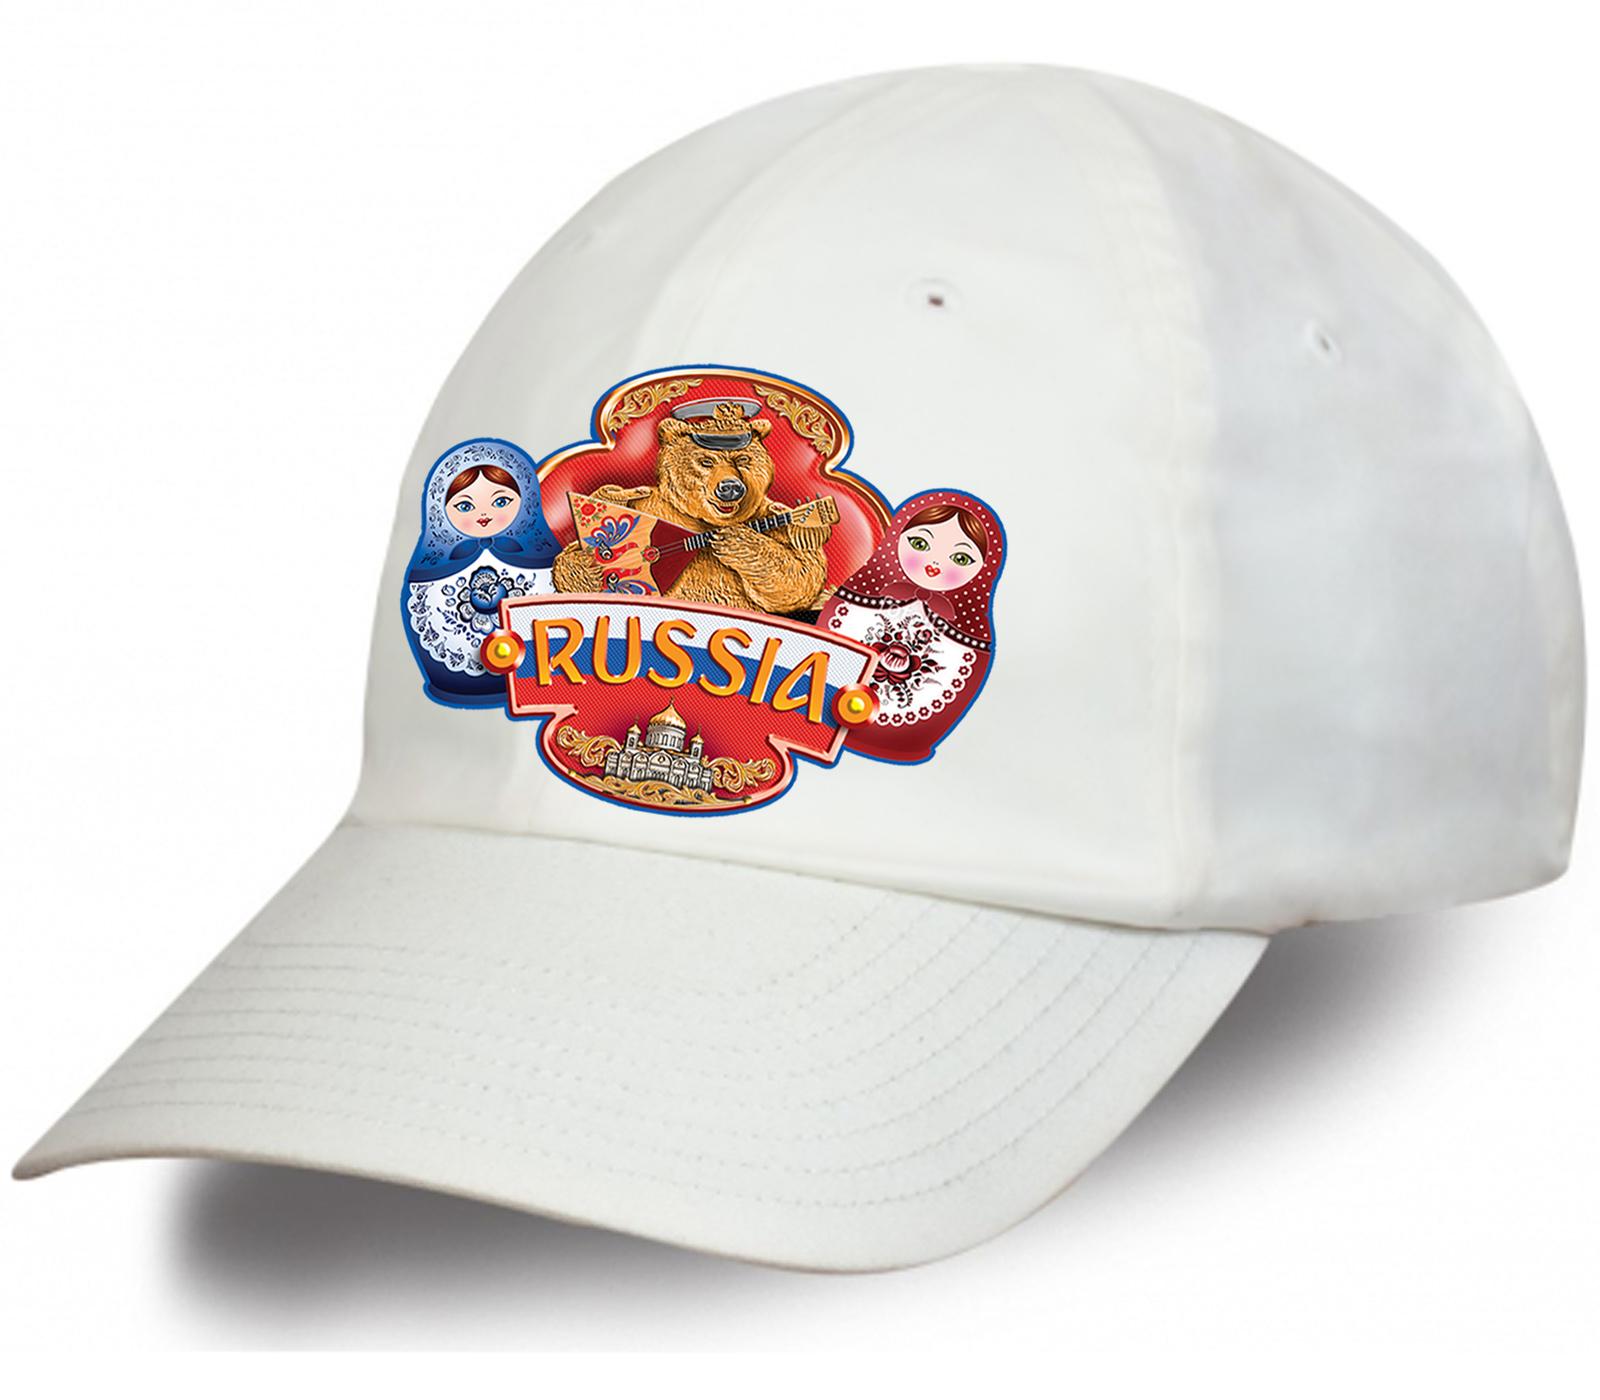 Купить в интернет магазине белую патриотическую бейсболку